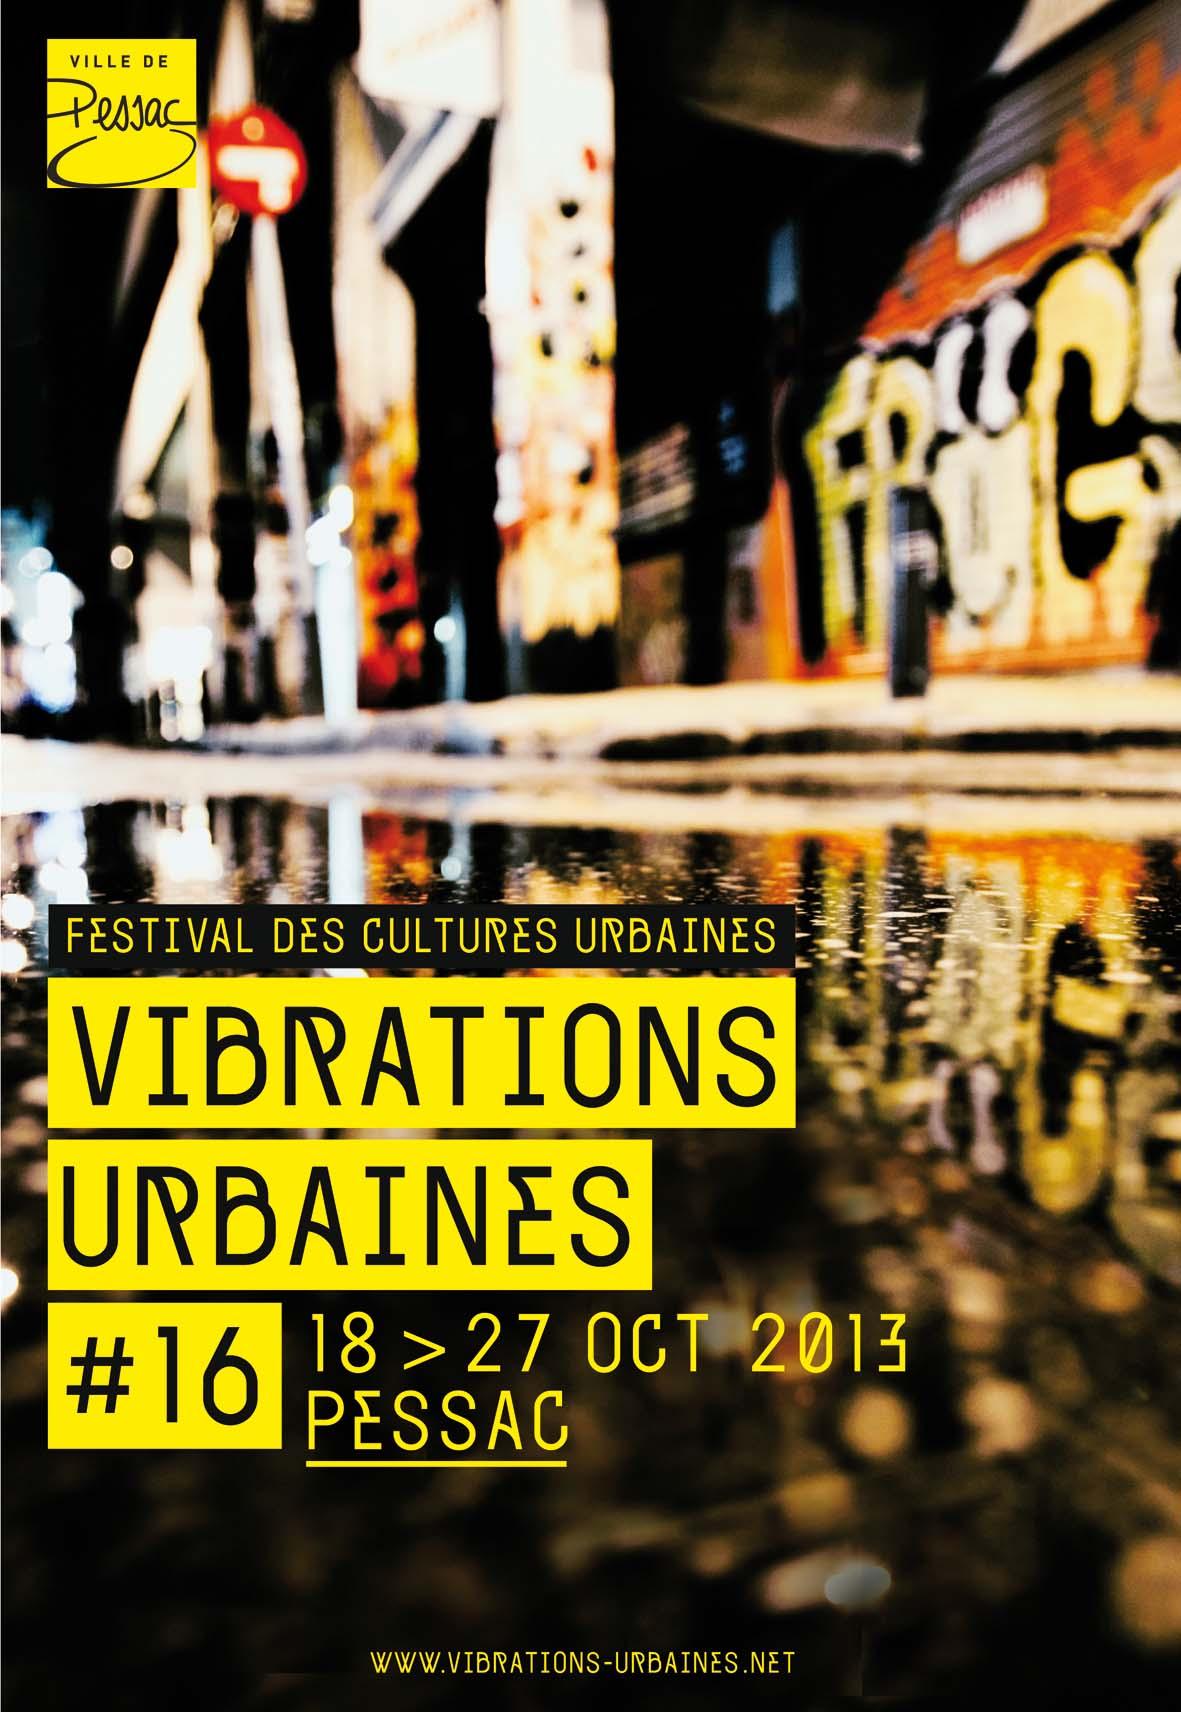 Affiche vibrations urbaines 2013